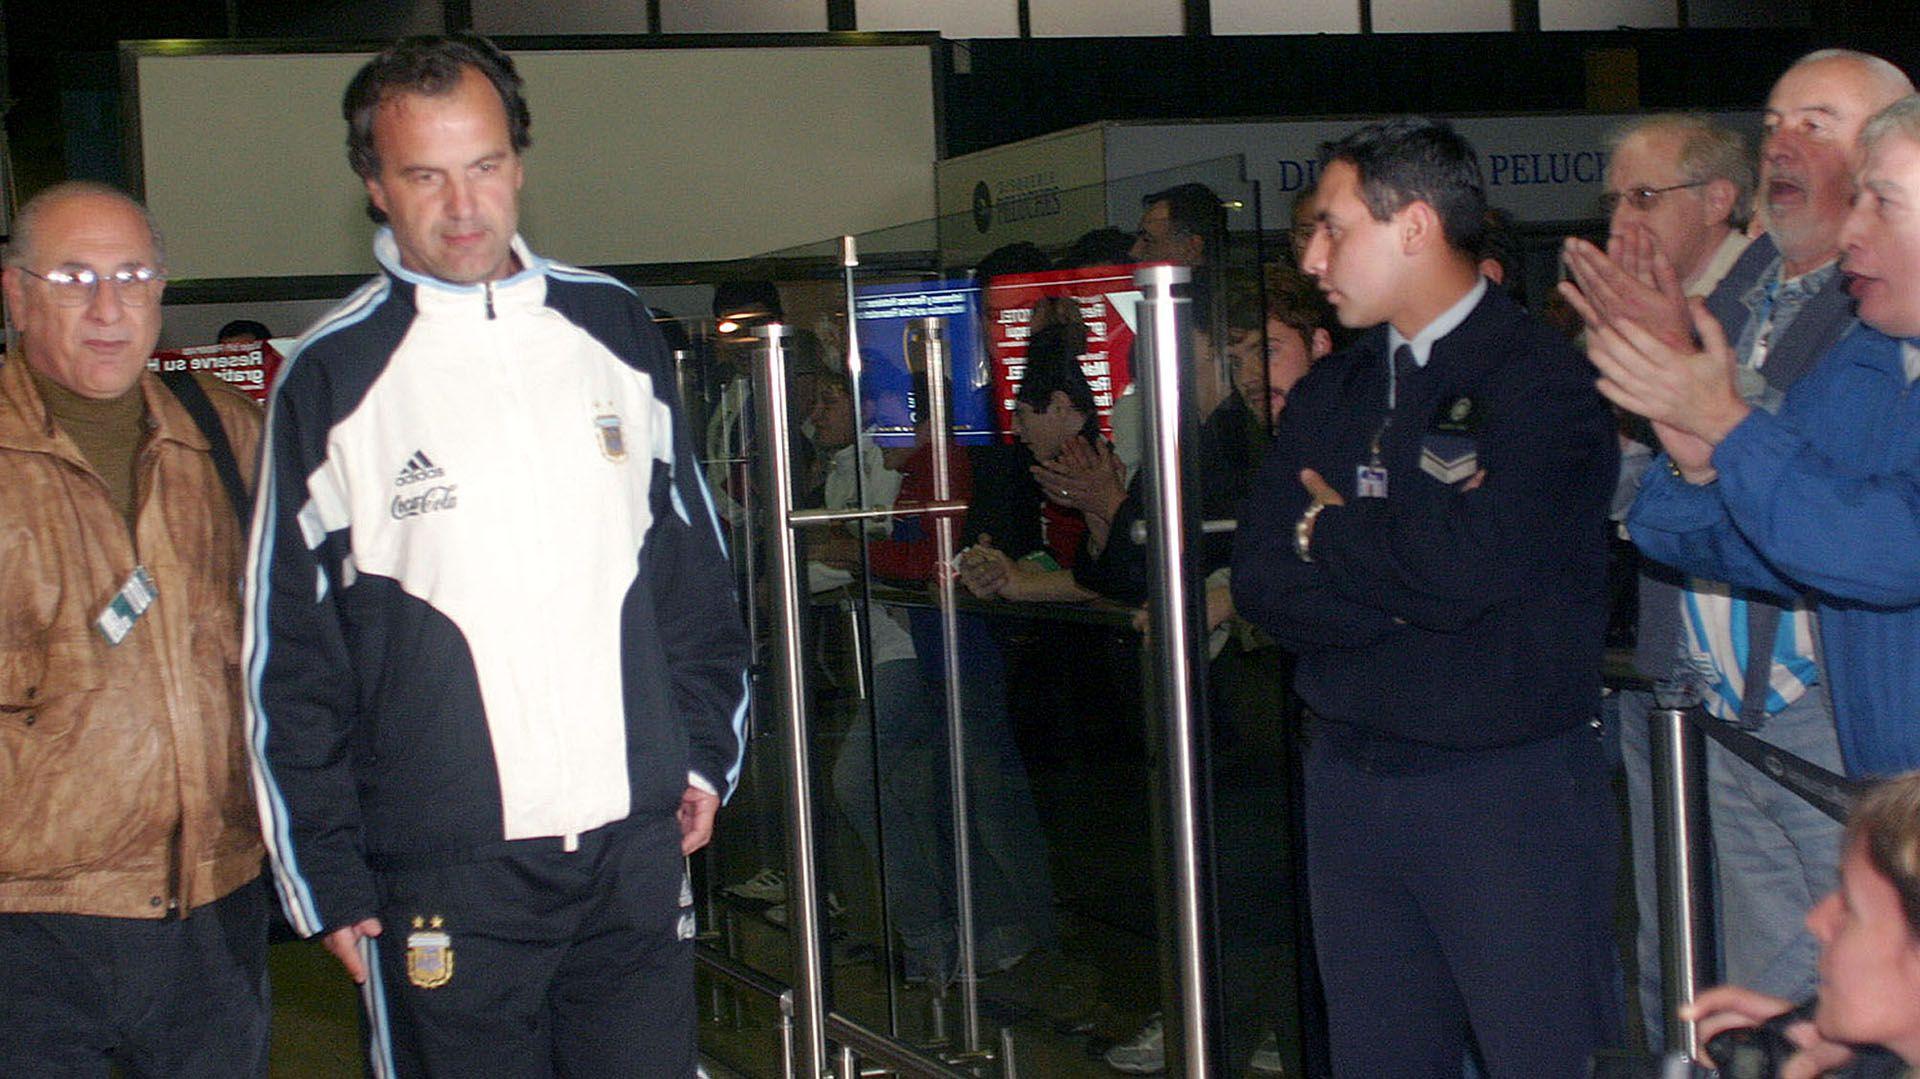 Marcelo Bielsa en 2004 cuando todavía dirigía a la selección argentina (Foto NA: Claudio Perin/Diario Popular)